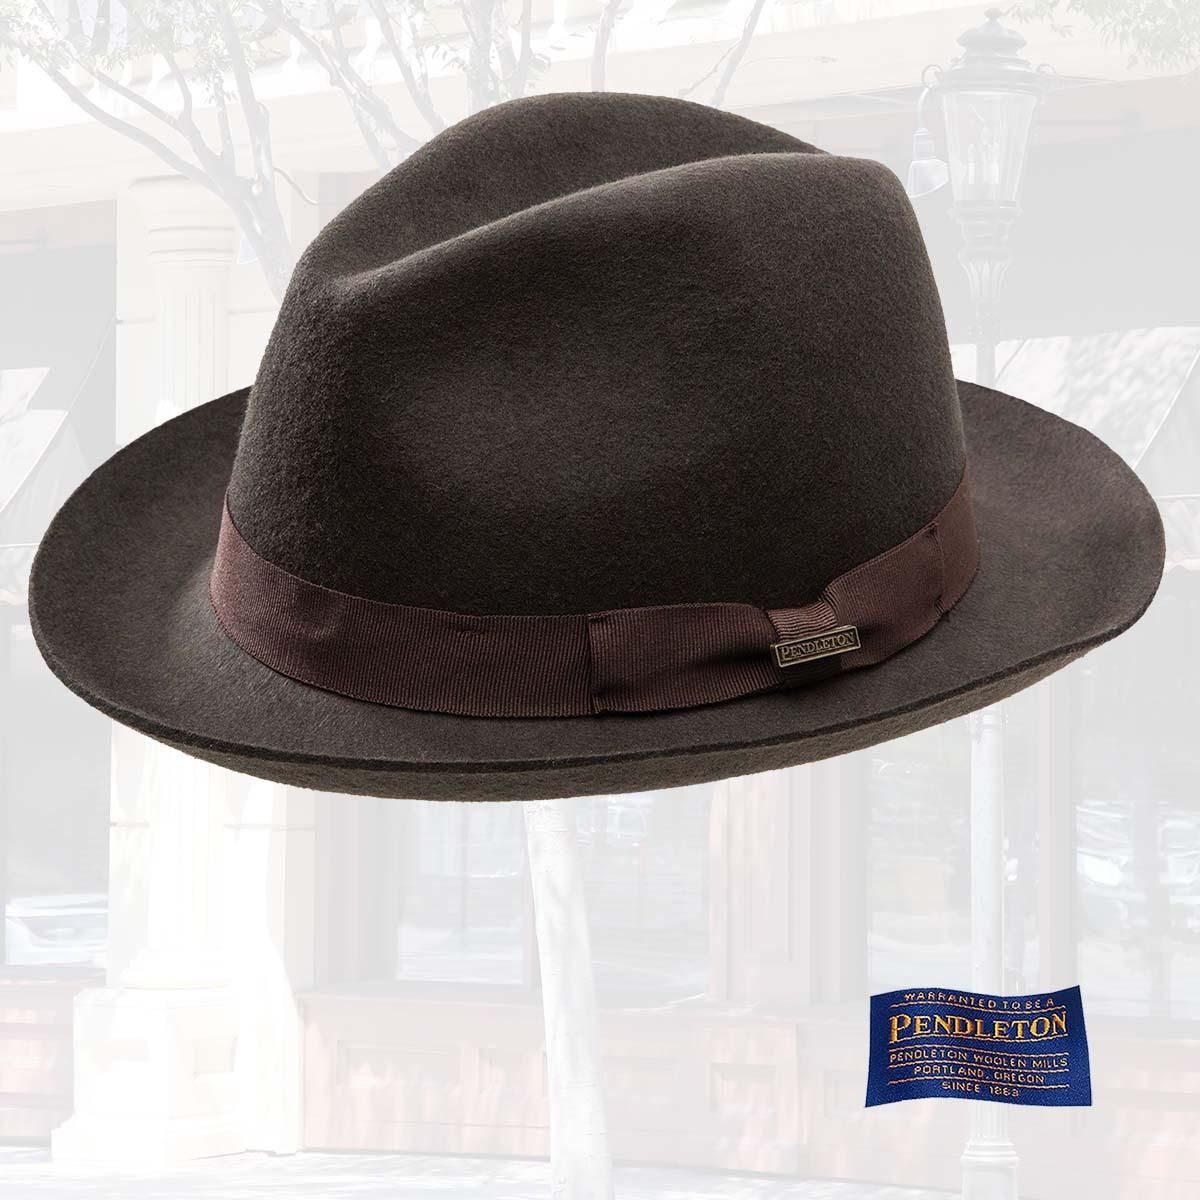 画像1: ペンドルトン クラシック フェドラ ハット(チョコレートブラウン)/Pendleton Classic Fedora Hat Chocolate Brown